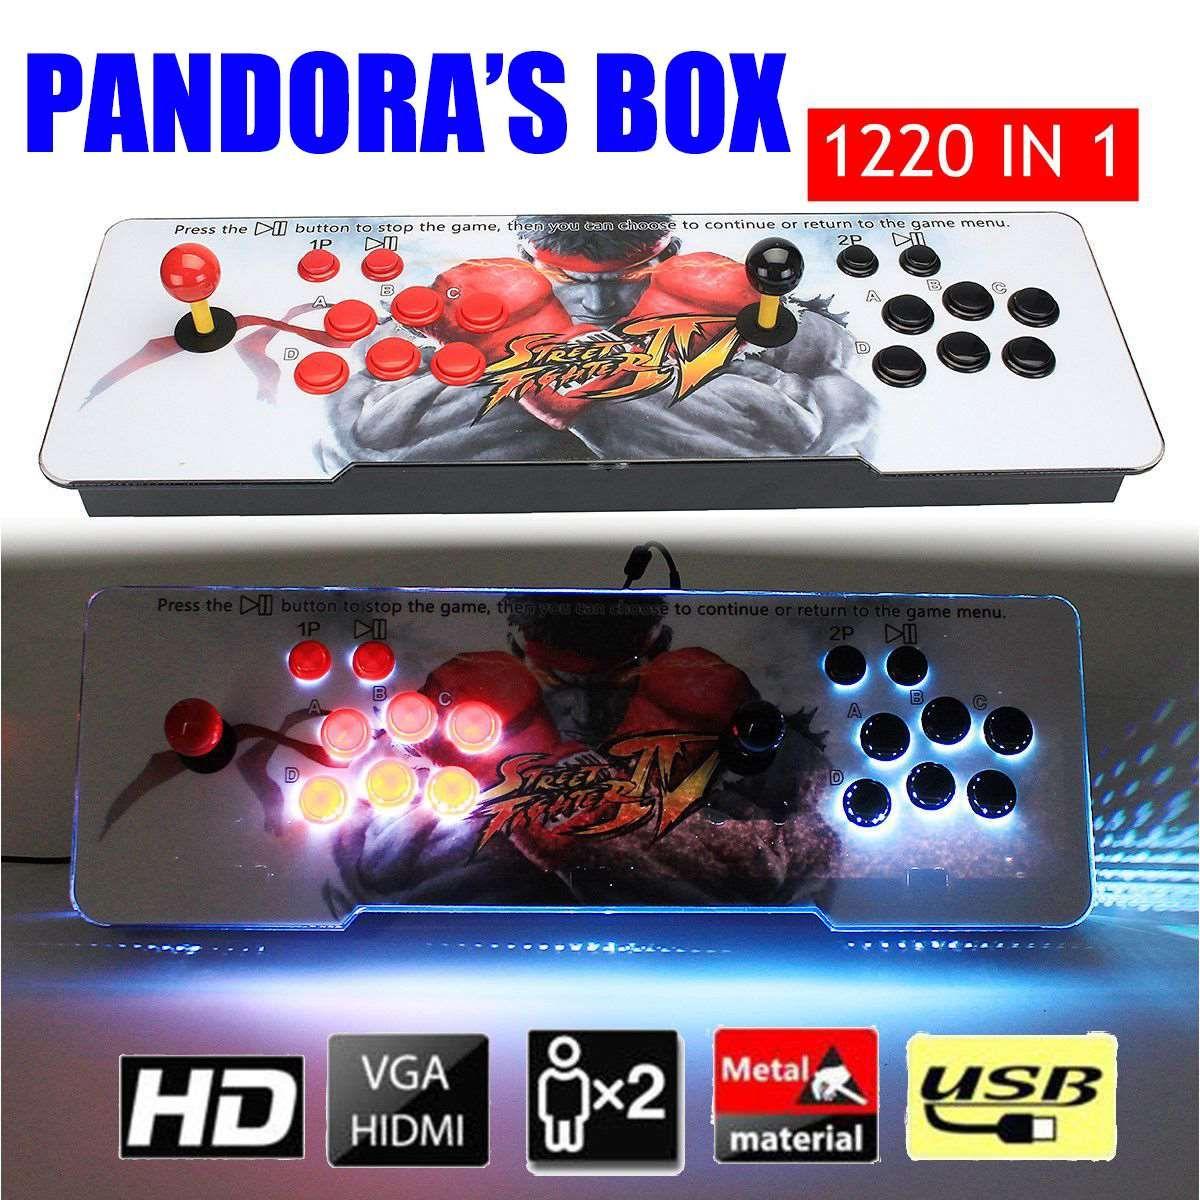 Neue 1220 in 1 der Pandora Box 5 S Arcade Konsole Doppel Stick Retro Video Spiel LED Lampe Beste Geschenk für Kinder